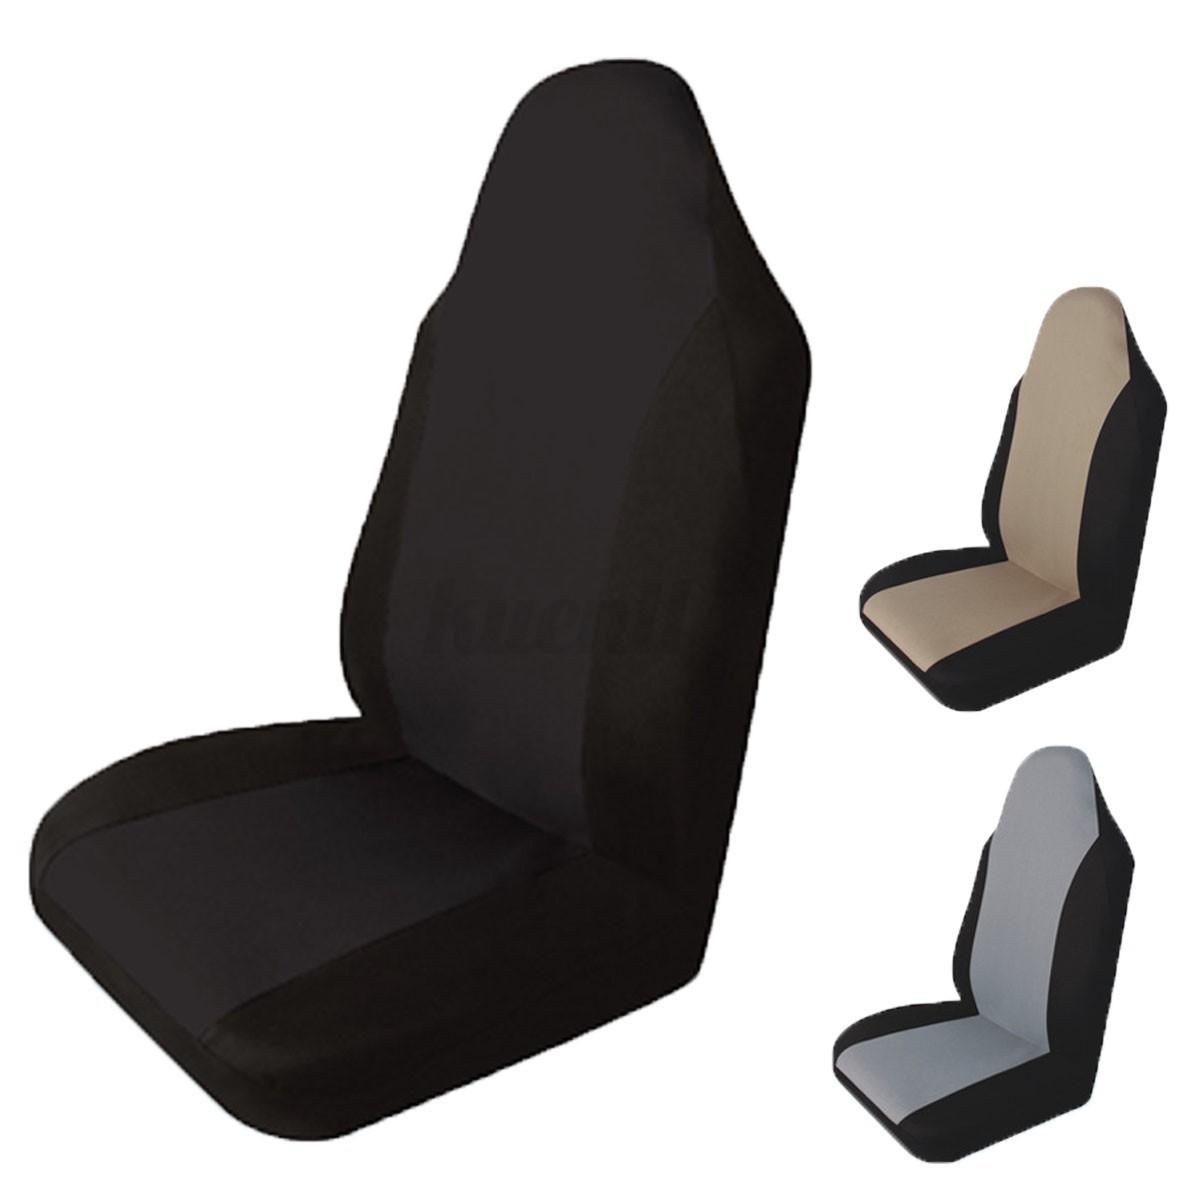 Universal fundas de asiento de coche duradera transpirable para proteger coche ebay - Fundas para asientos de coches ...